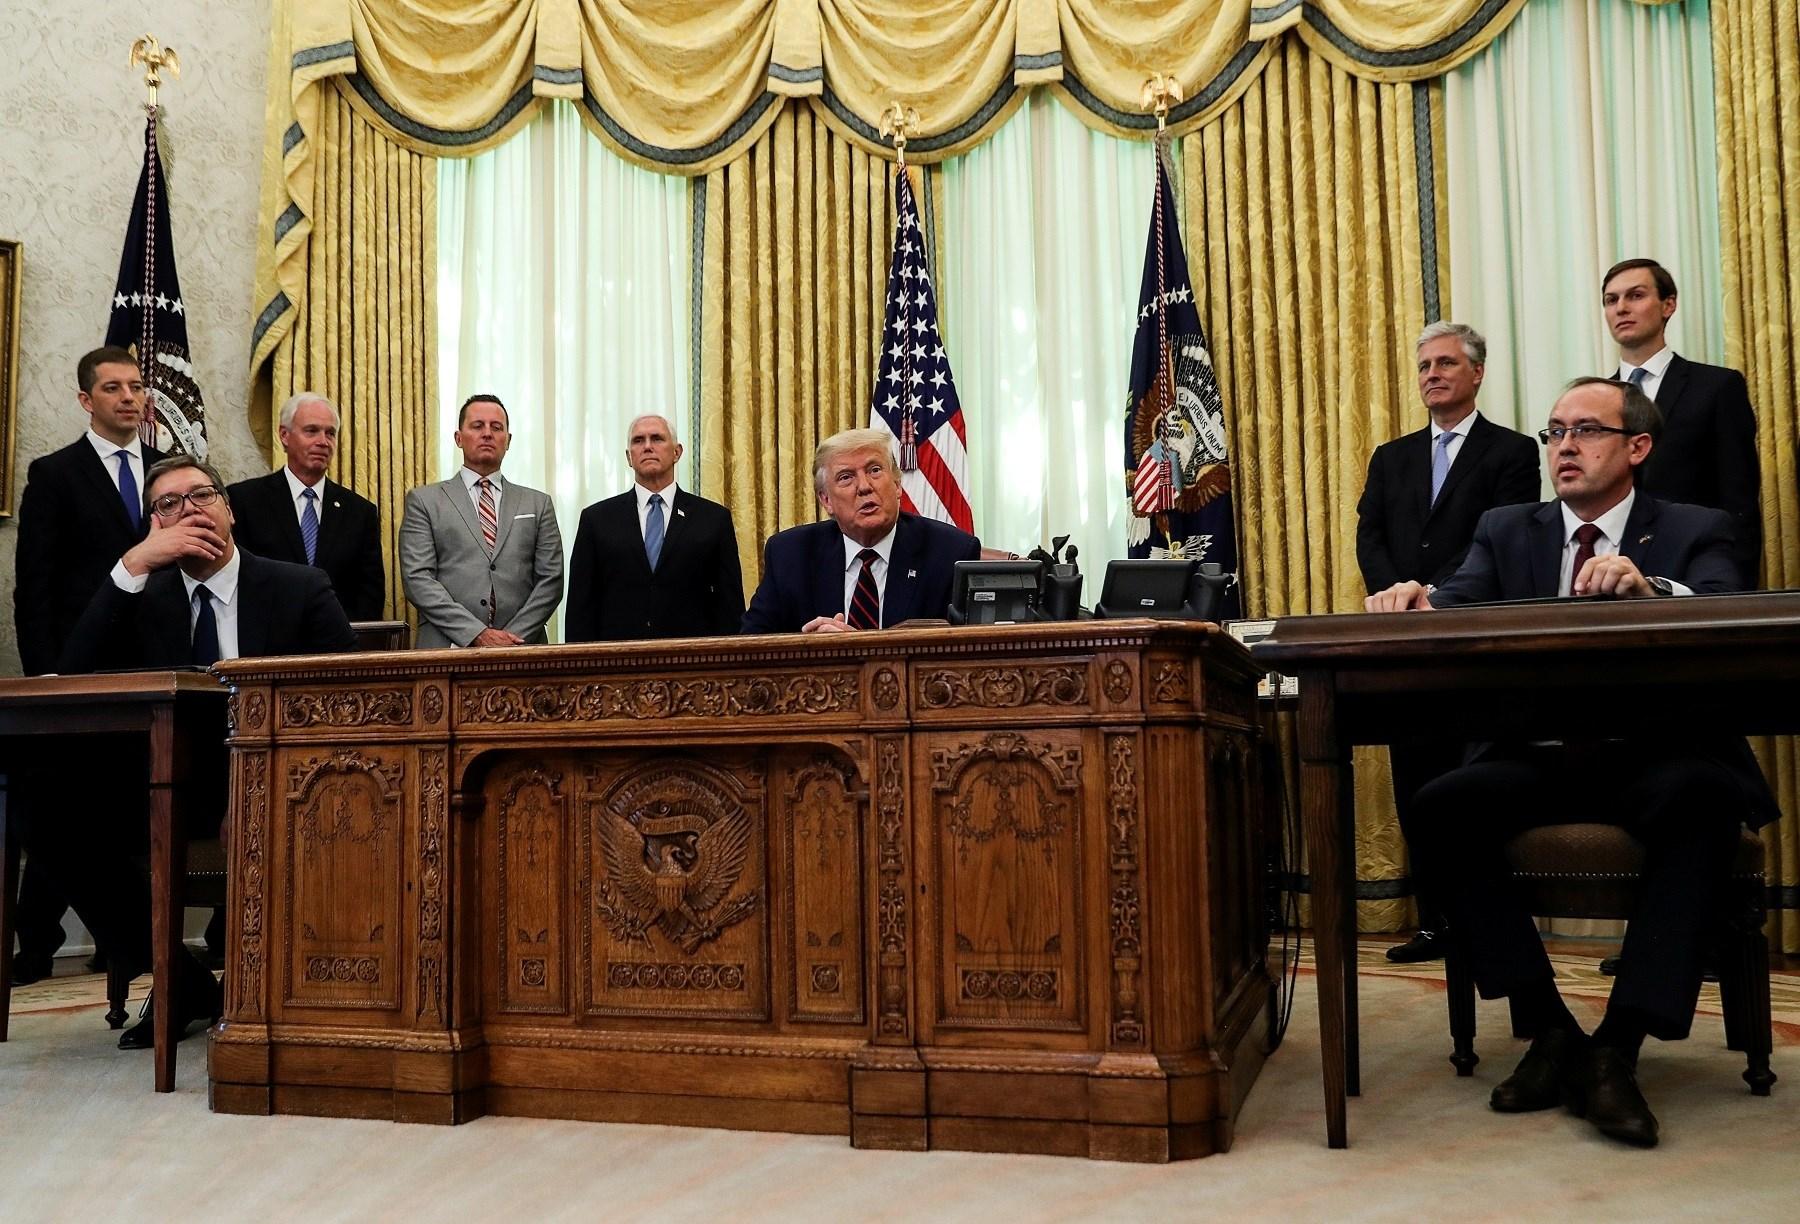 تثير قضية إذلال الرئيس الصربي في واشنطن مسألة استخدام الإذلال كوسيلة في السياسة الخارجية